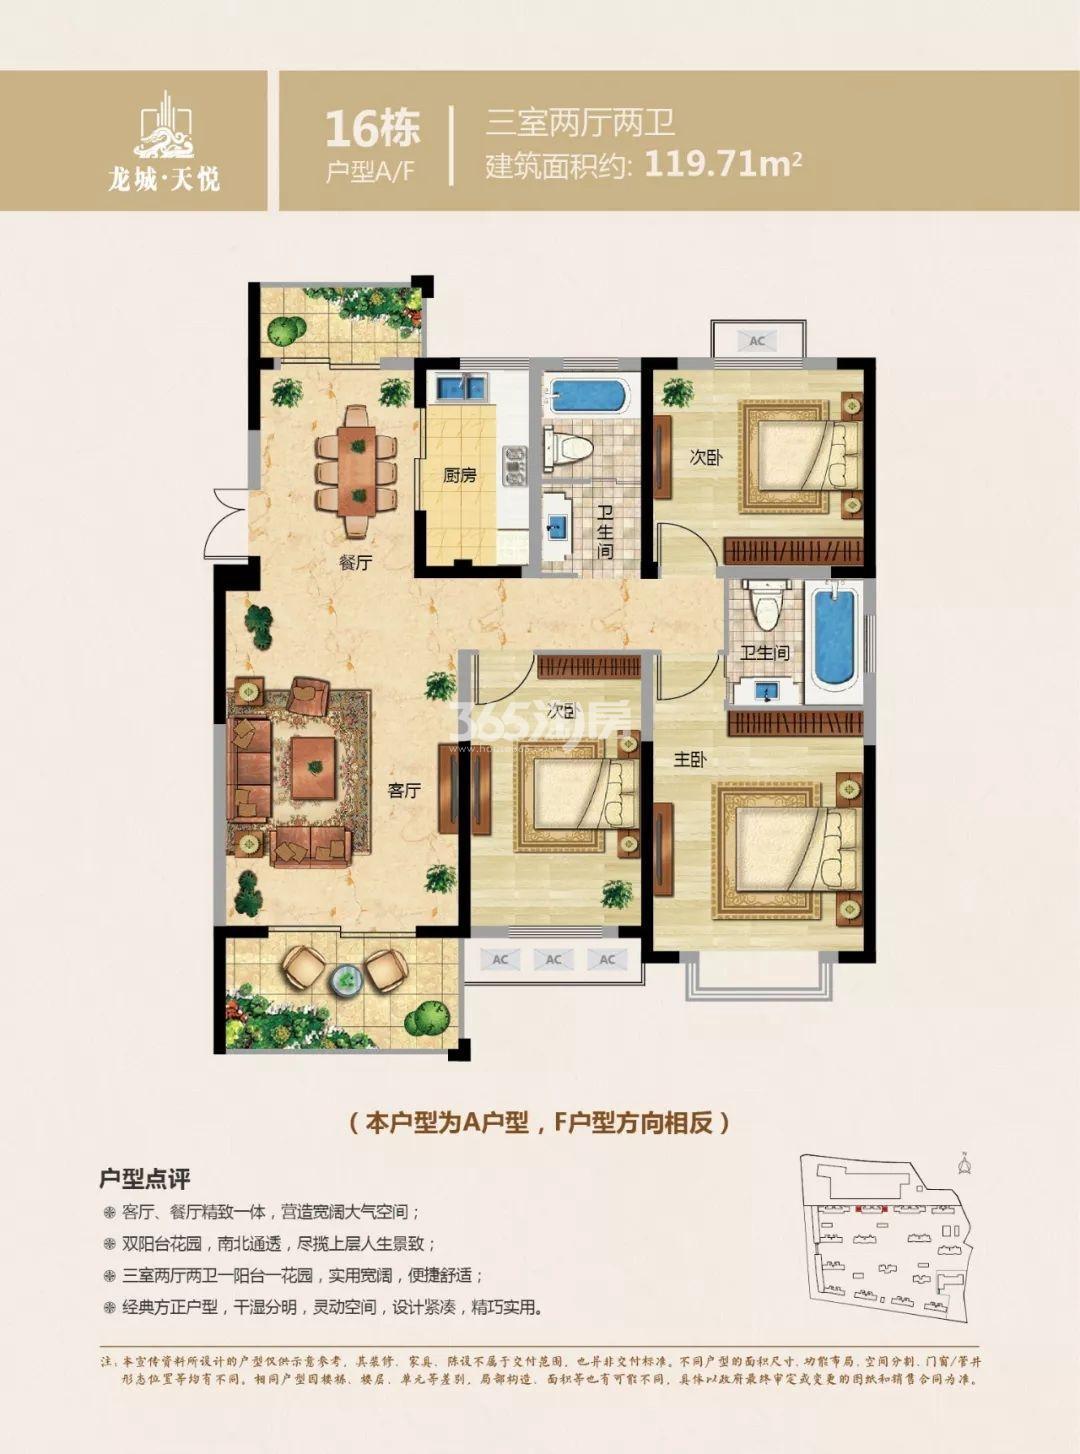 16栋 A/F户型 3室2厅1卫 119.71㎡